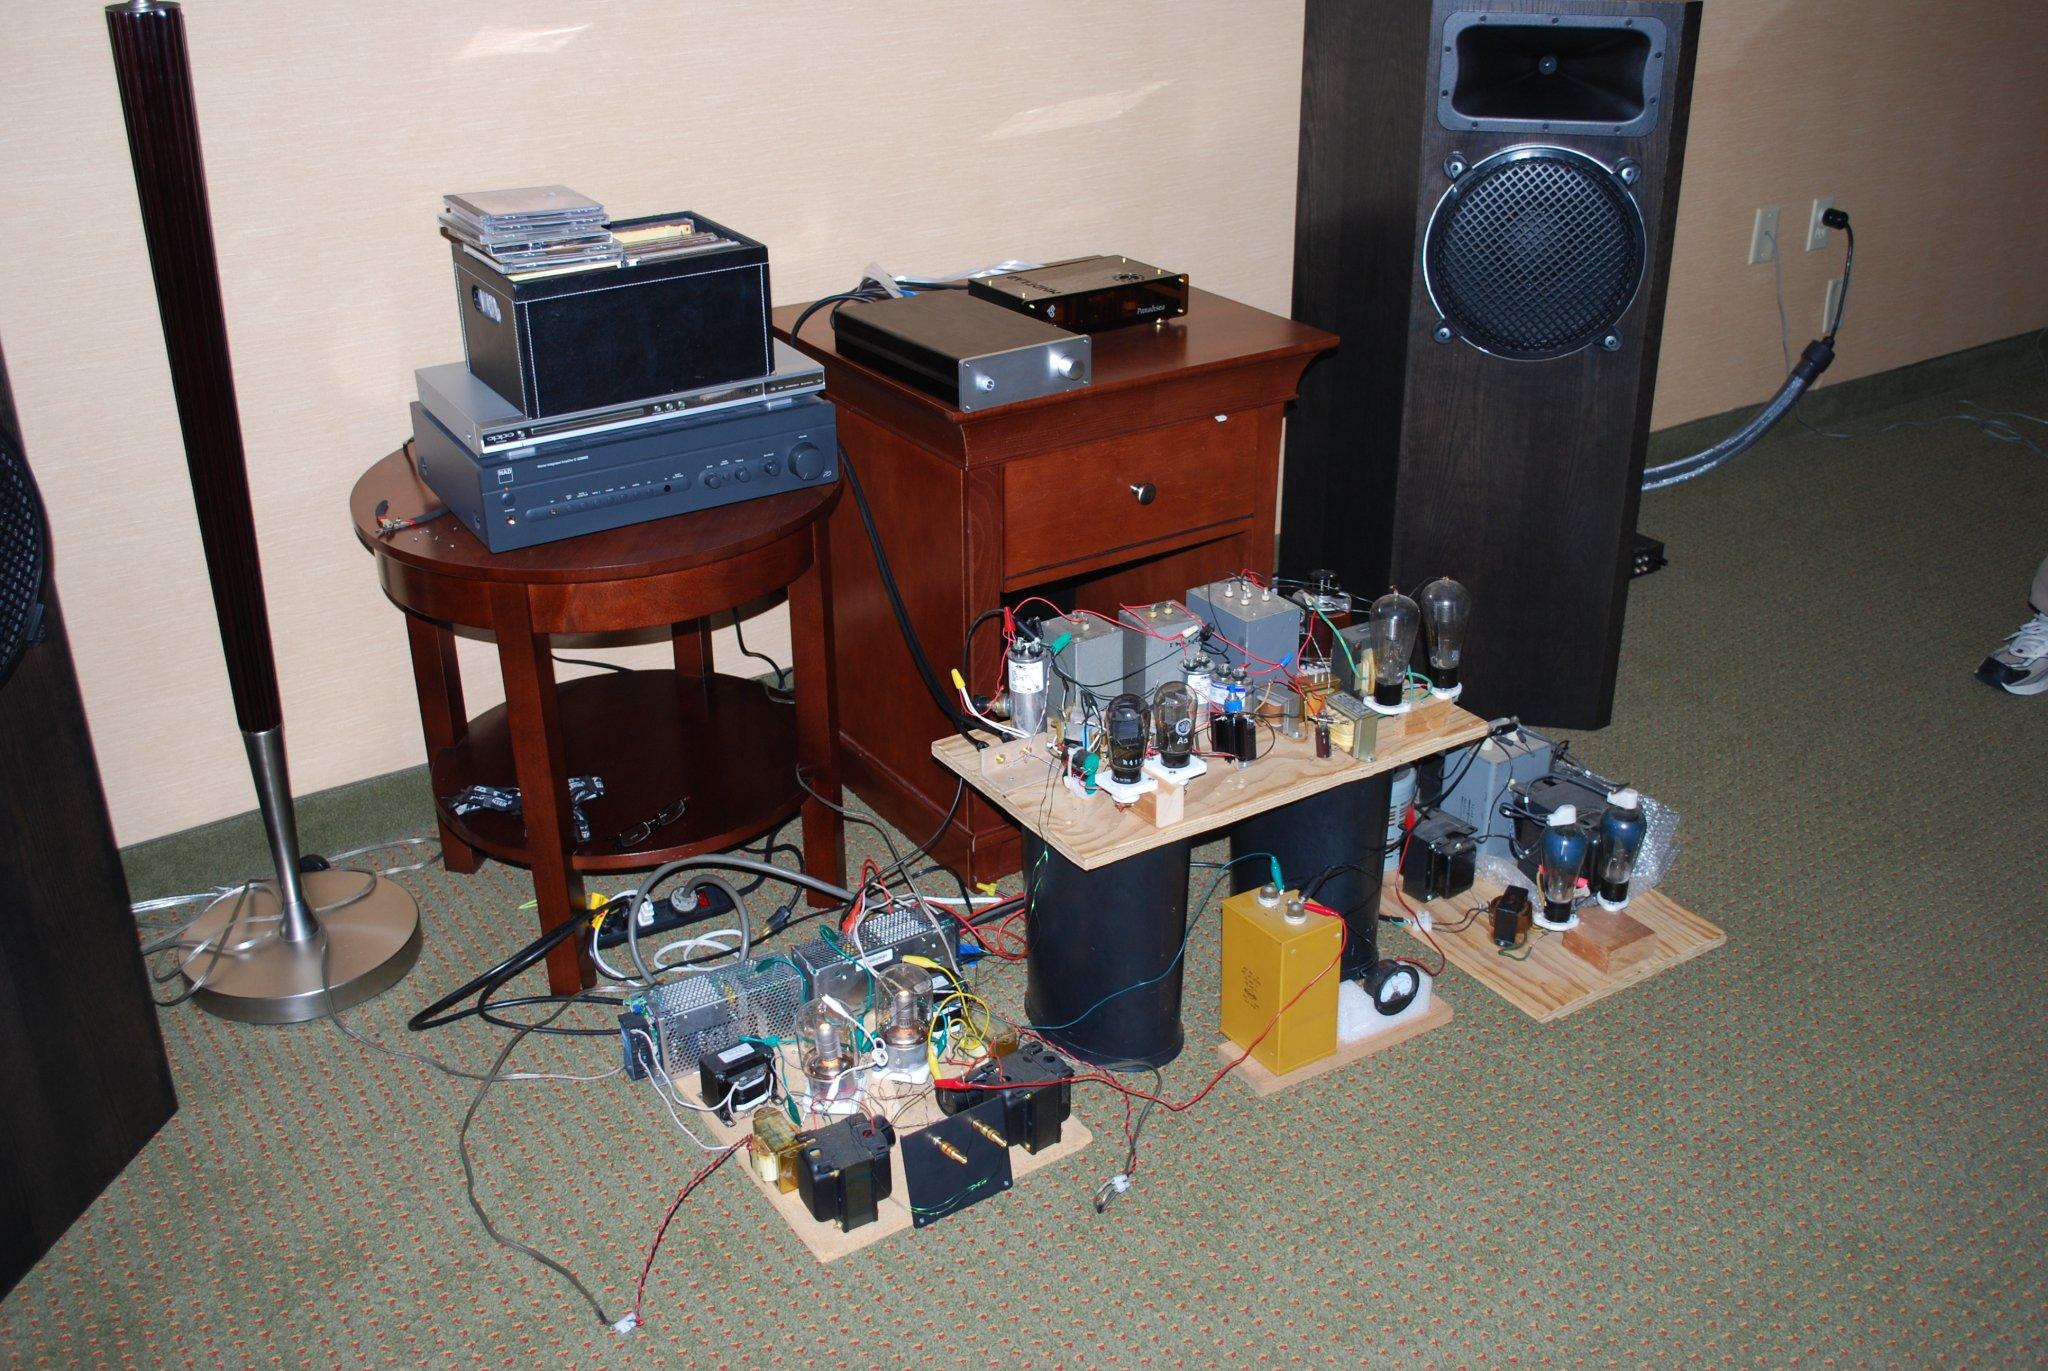 http://lonestaraudiofest.com/2010/Photos/Dsc_0071.jpg